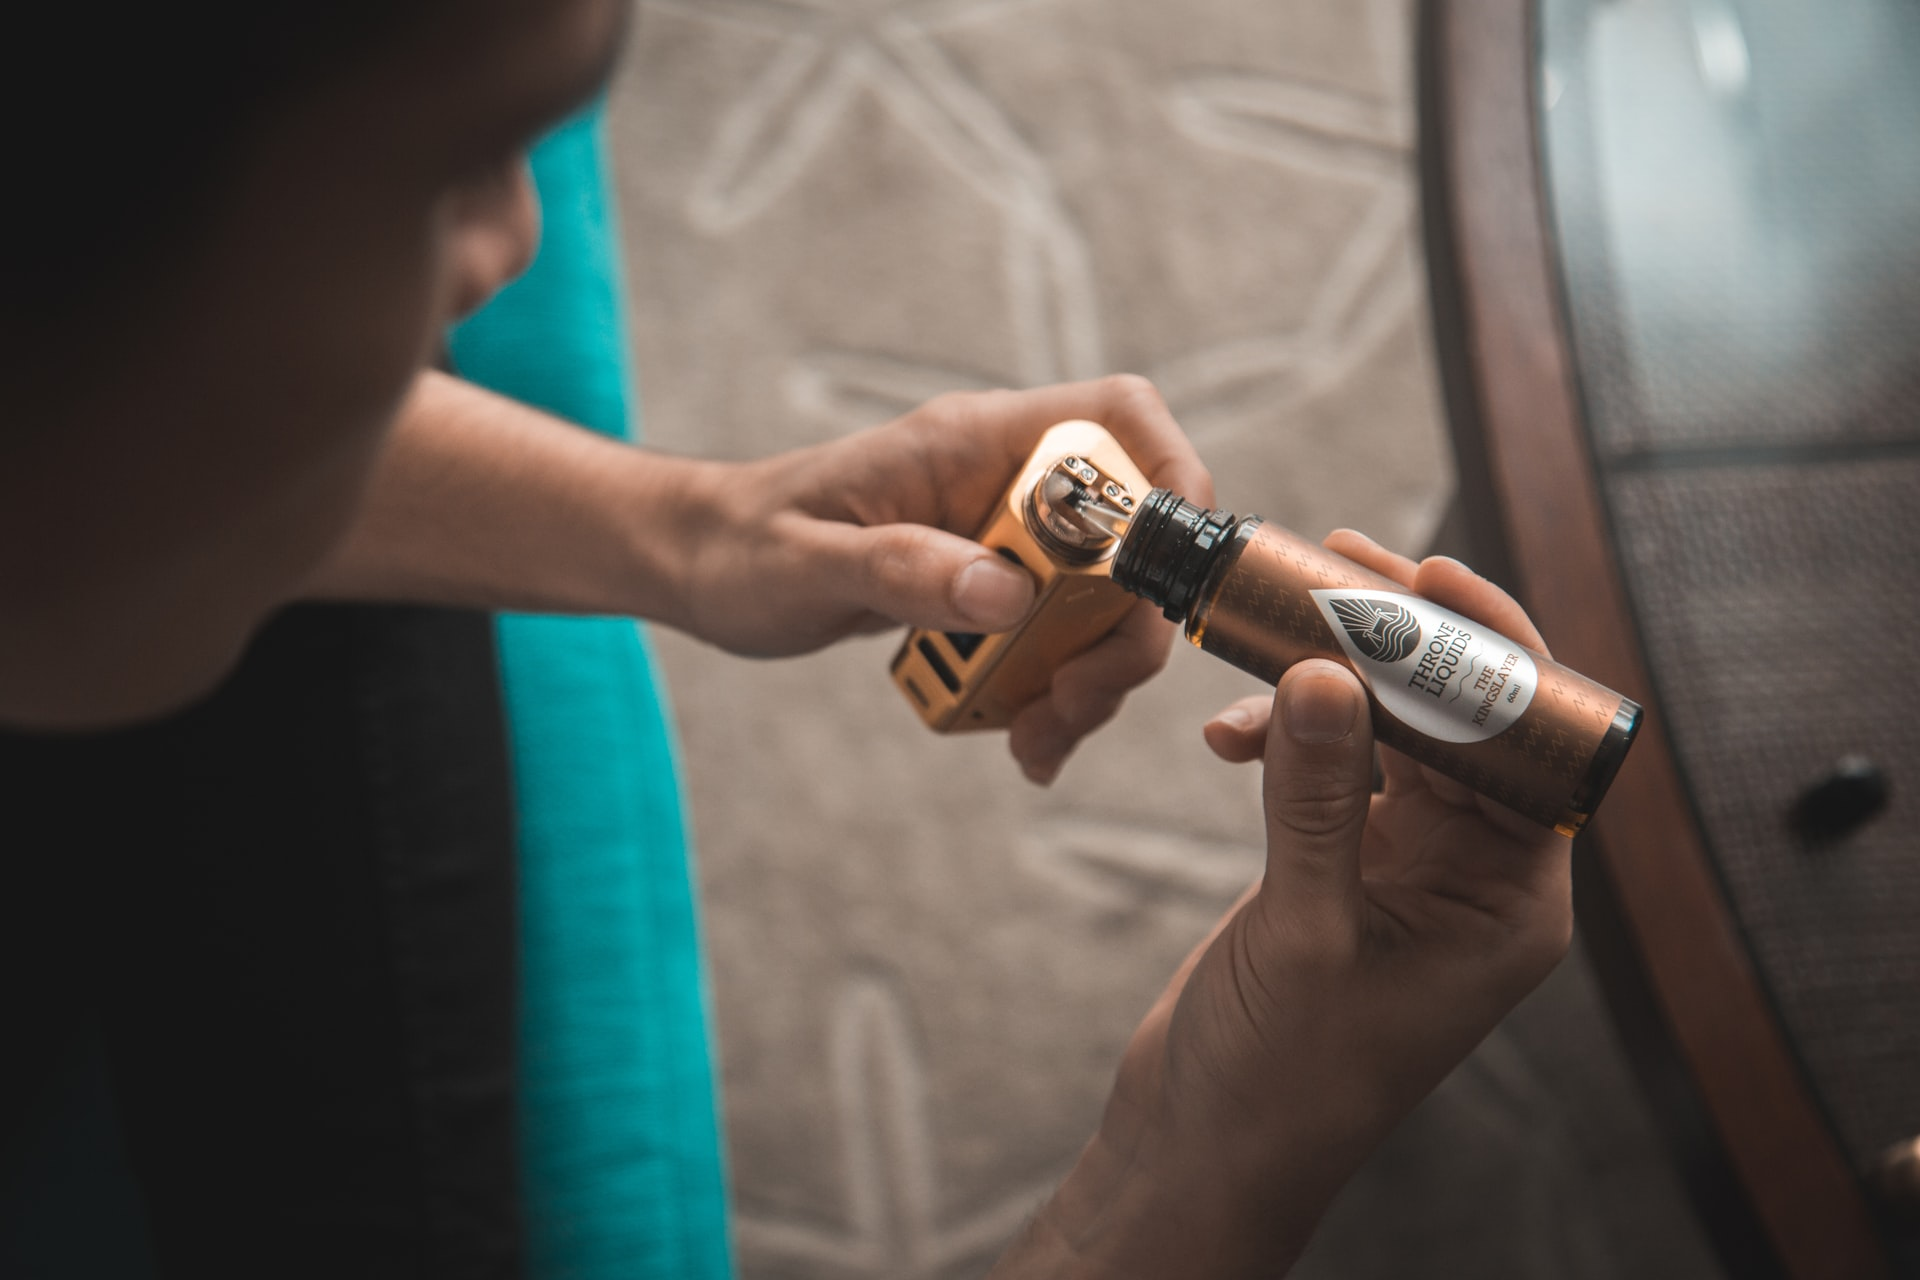 Les recharges de cigarettes électroniques